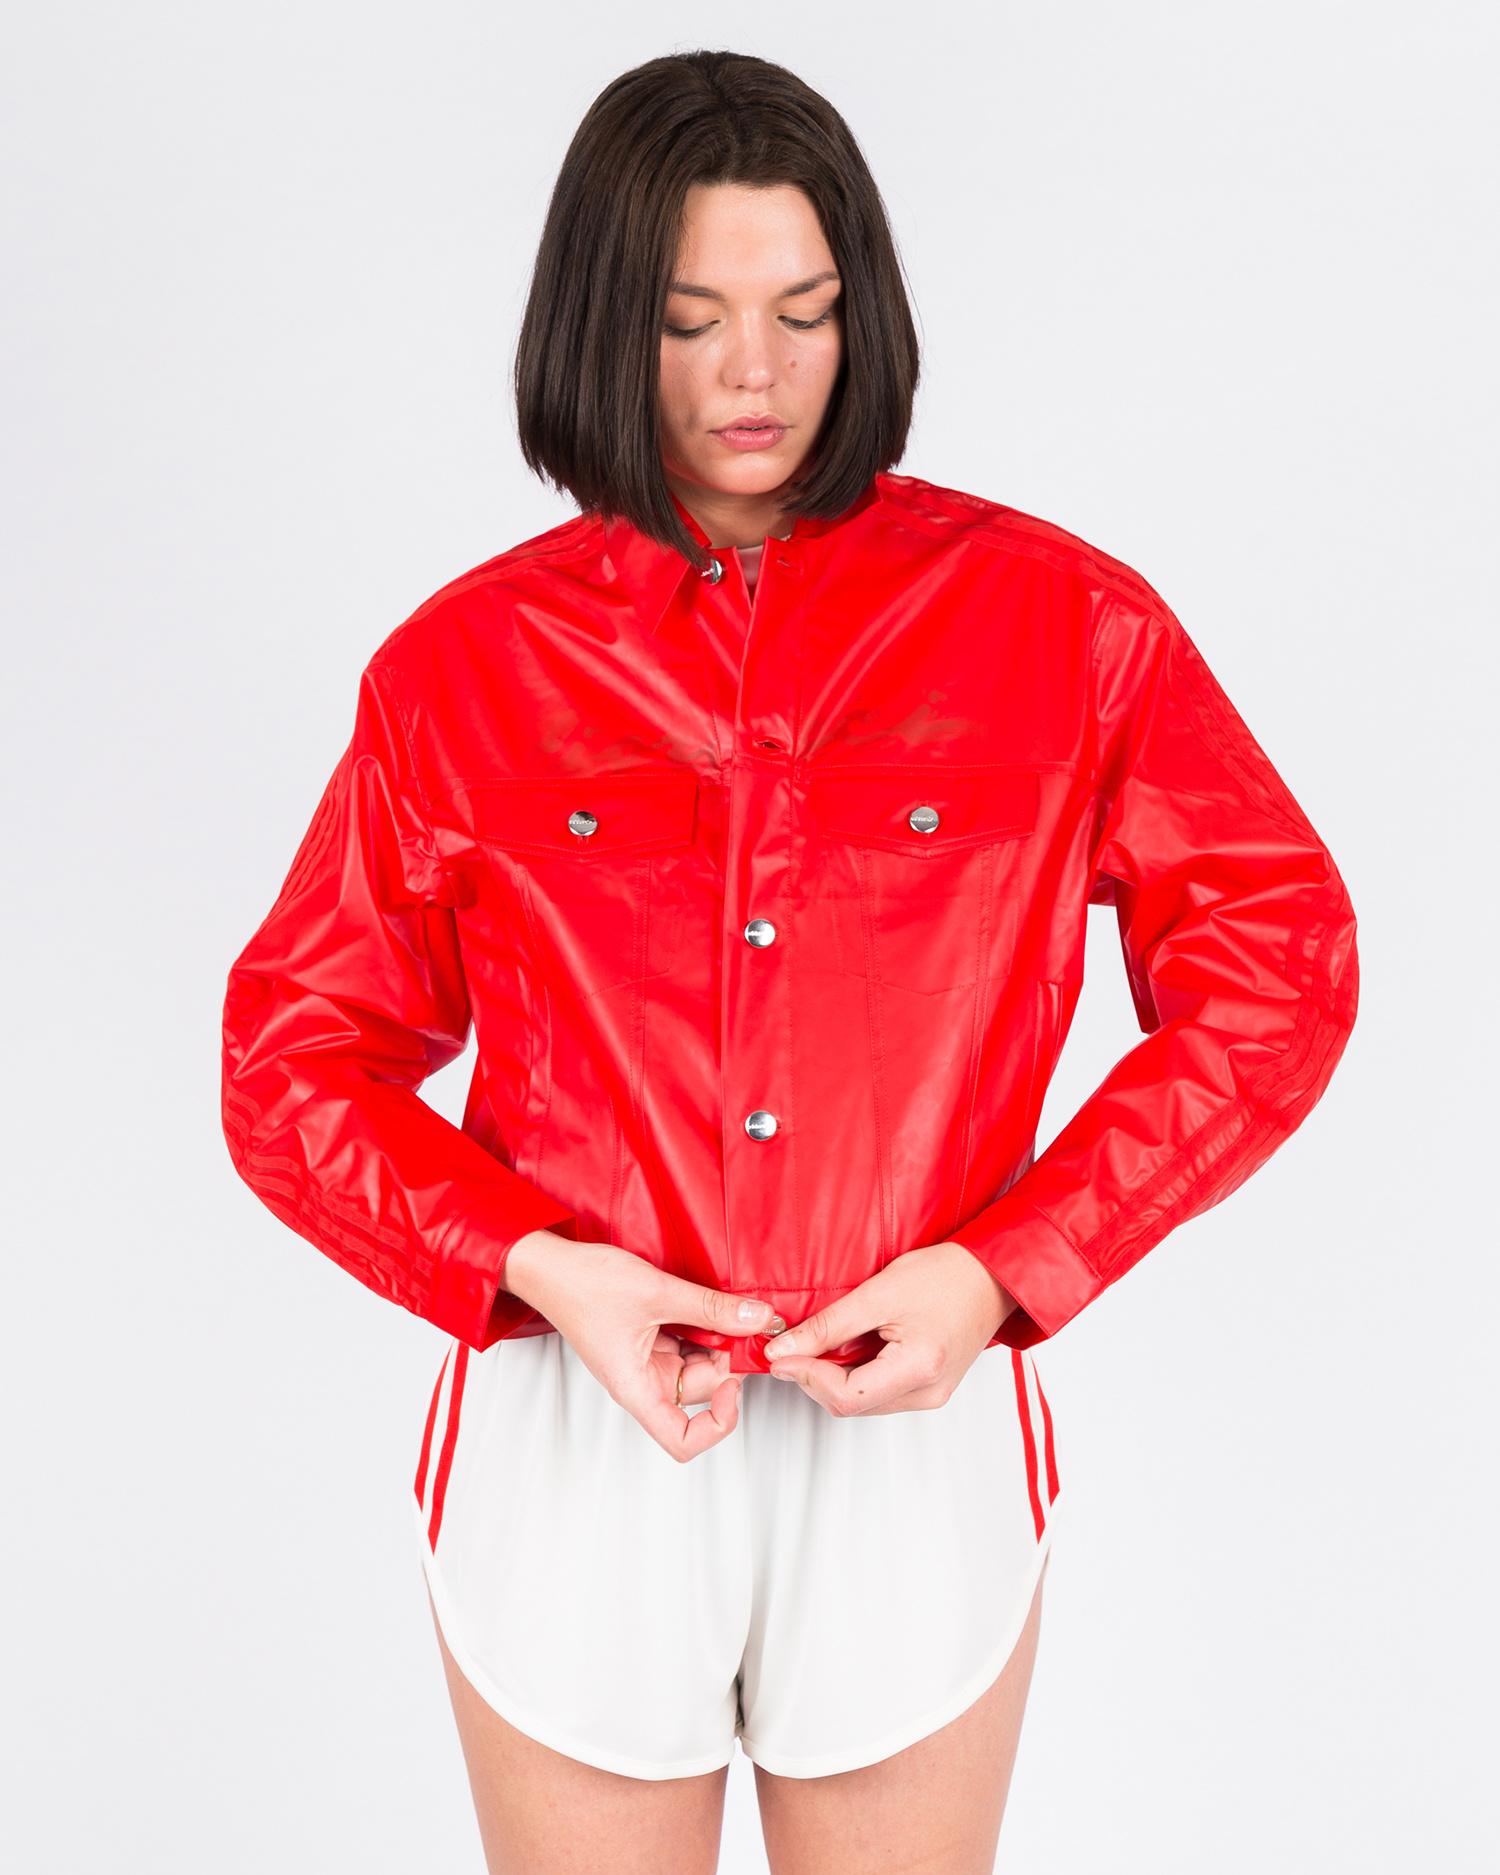 adidas x Fiorucci Kiss Jacket Red